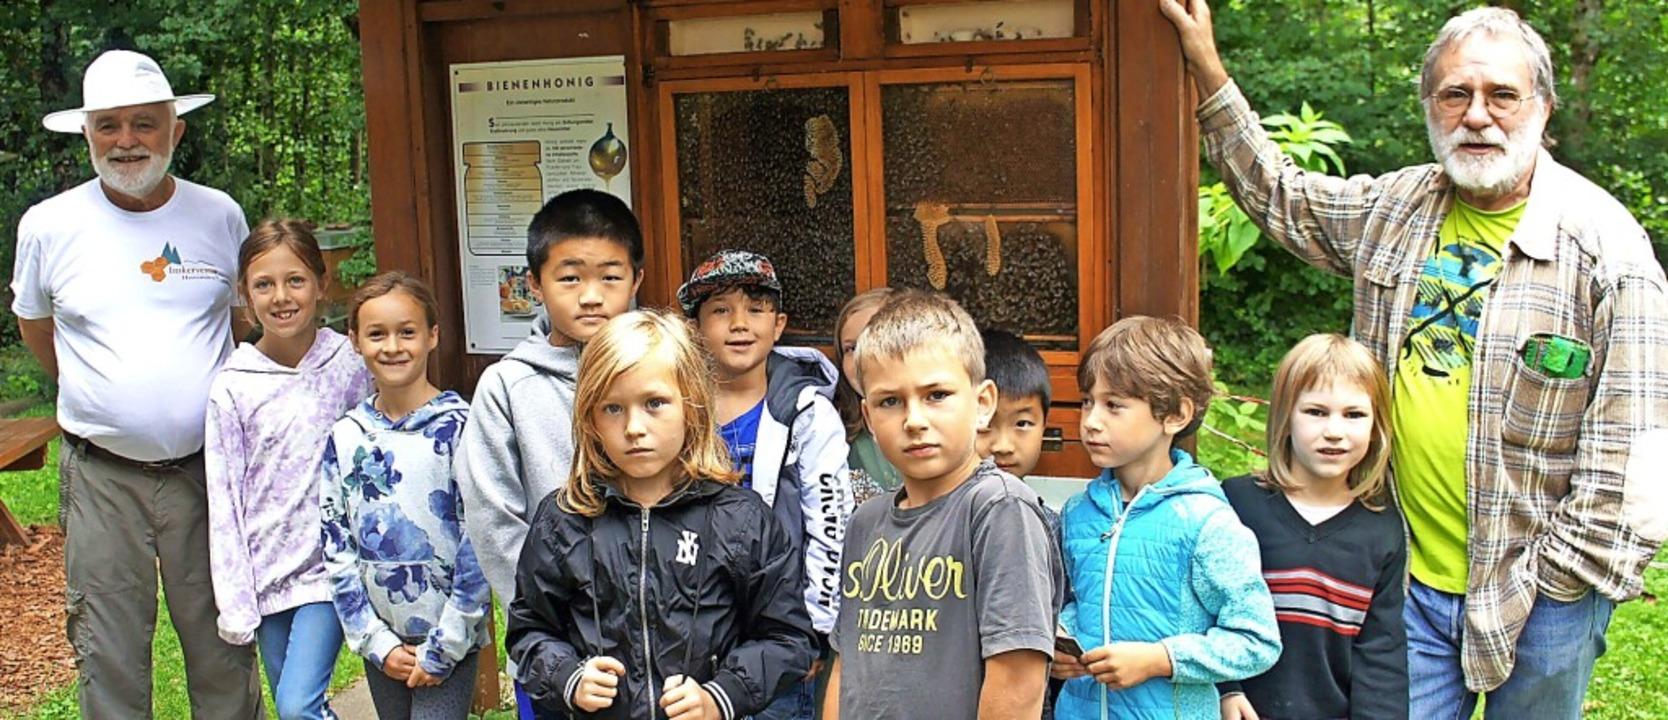 Zehn  Jungen und Mädchen  waren  gespa...um die Honig- und Wildbienen erzählen.  | Foto: Reinhard Herbrig